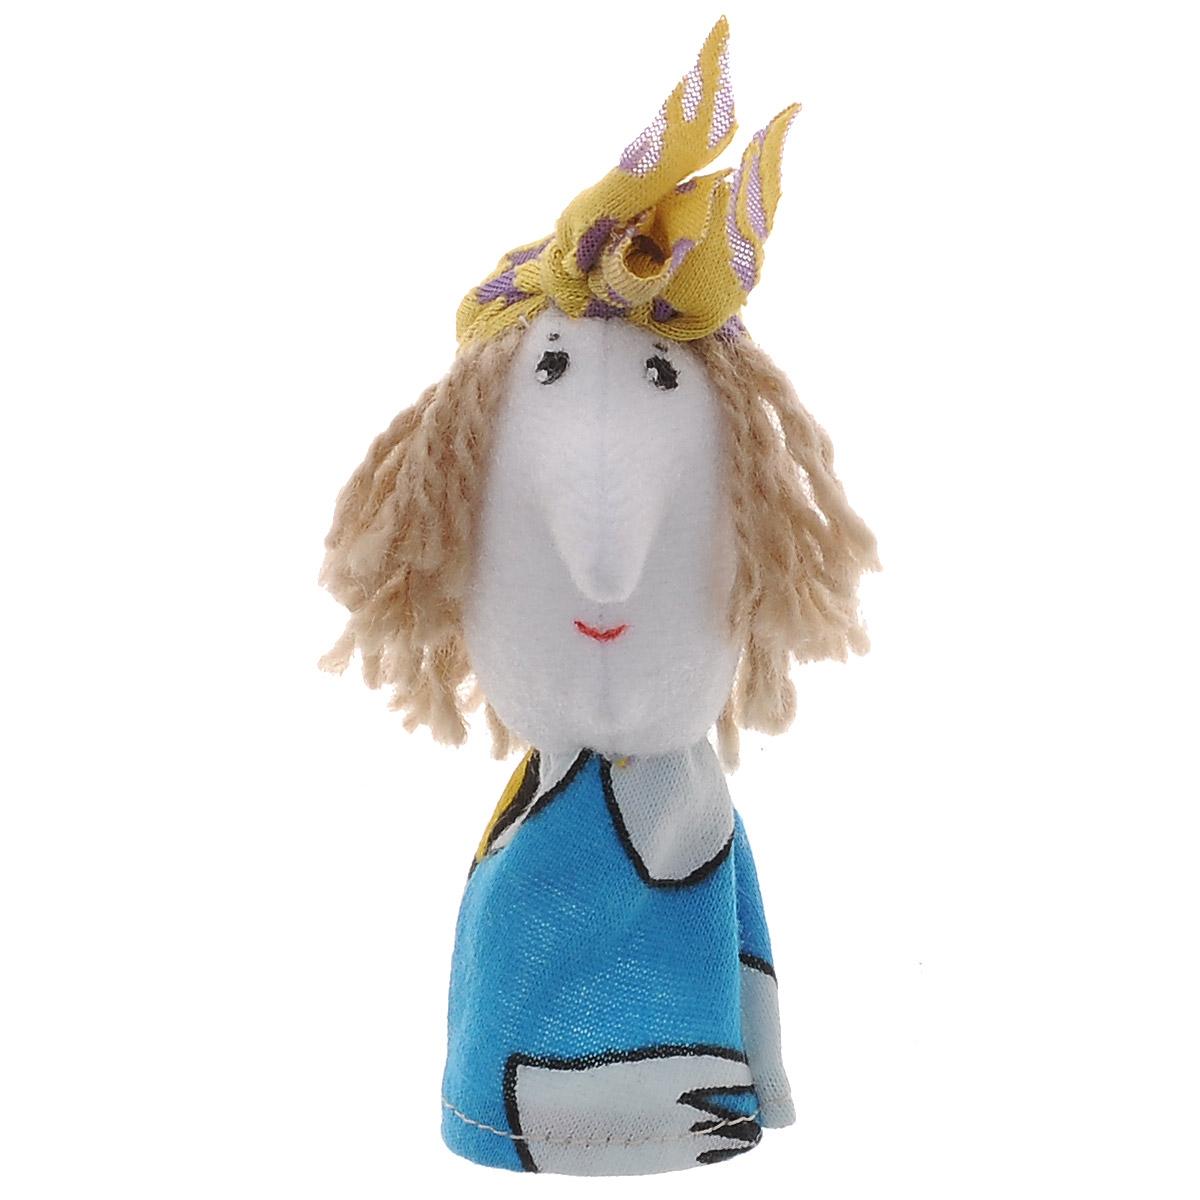 Наивный мир Кукла пальчиковая Баба Яга, цвет платка: желтый, фиолетовый017.52_голуое платье/желтый платокПальчиковая кукла Баба-Яга выполненная в спокойных тонах, станет великолепным дополнением к вашему пальчиковому театру. Играть и ставить спектакли с пальчиковыми куклами необыкновенно интересно. Управлять такой куклой сможет даже ребенок. Играя, малыш разовьет мелкую моторику рук, а сочиняя сценарии - воображение.